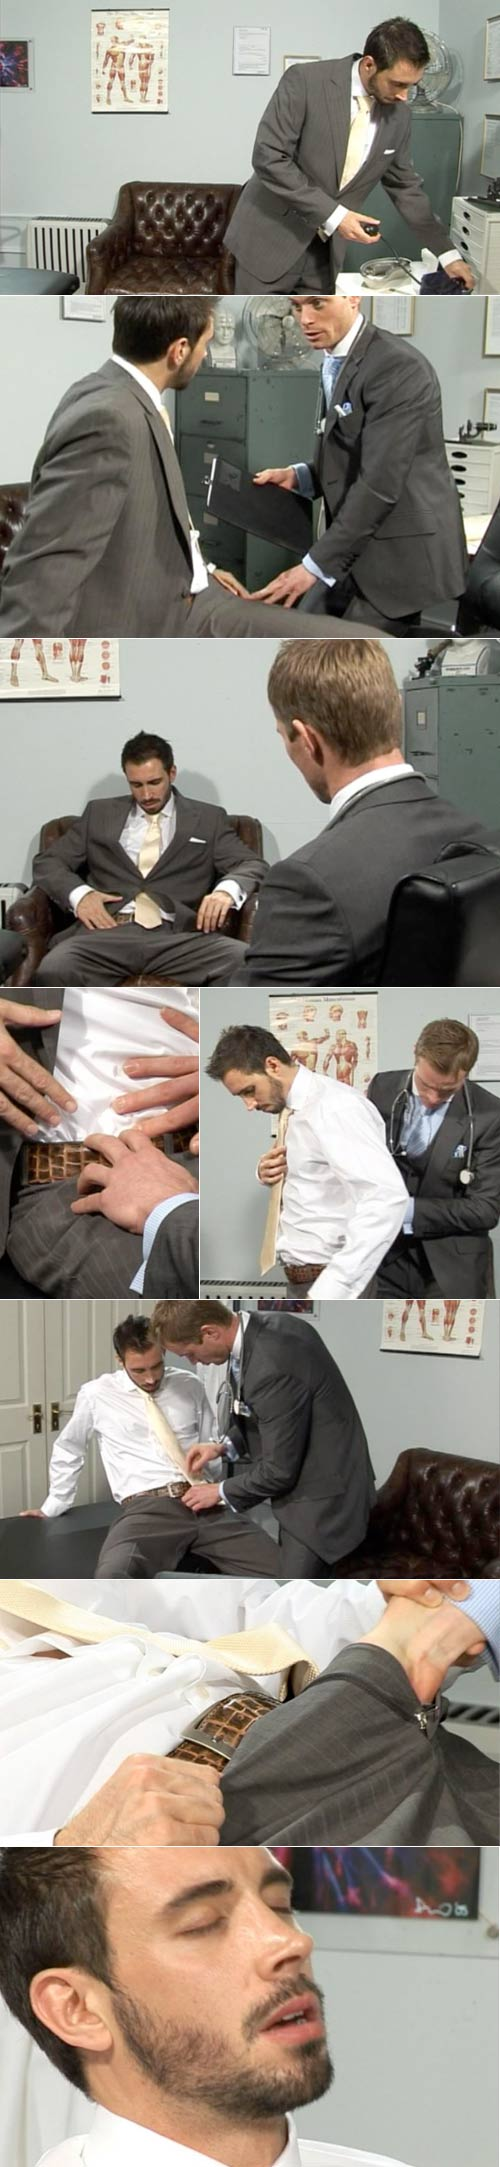 Dr Stevens & Ludovic on MenAtPlay